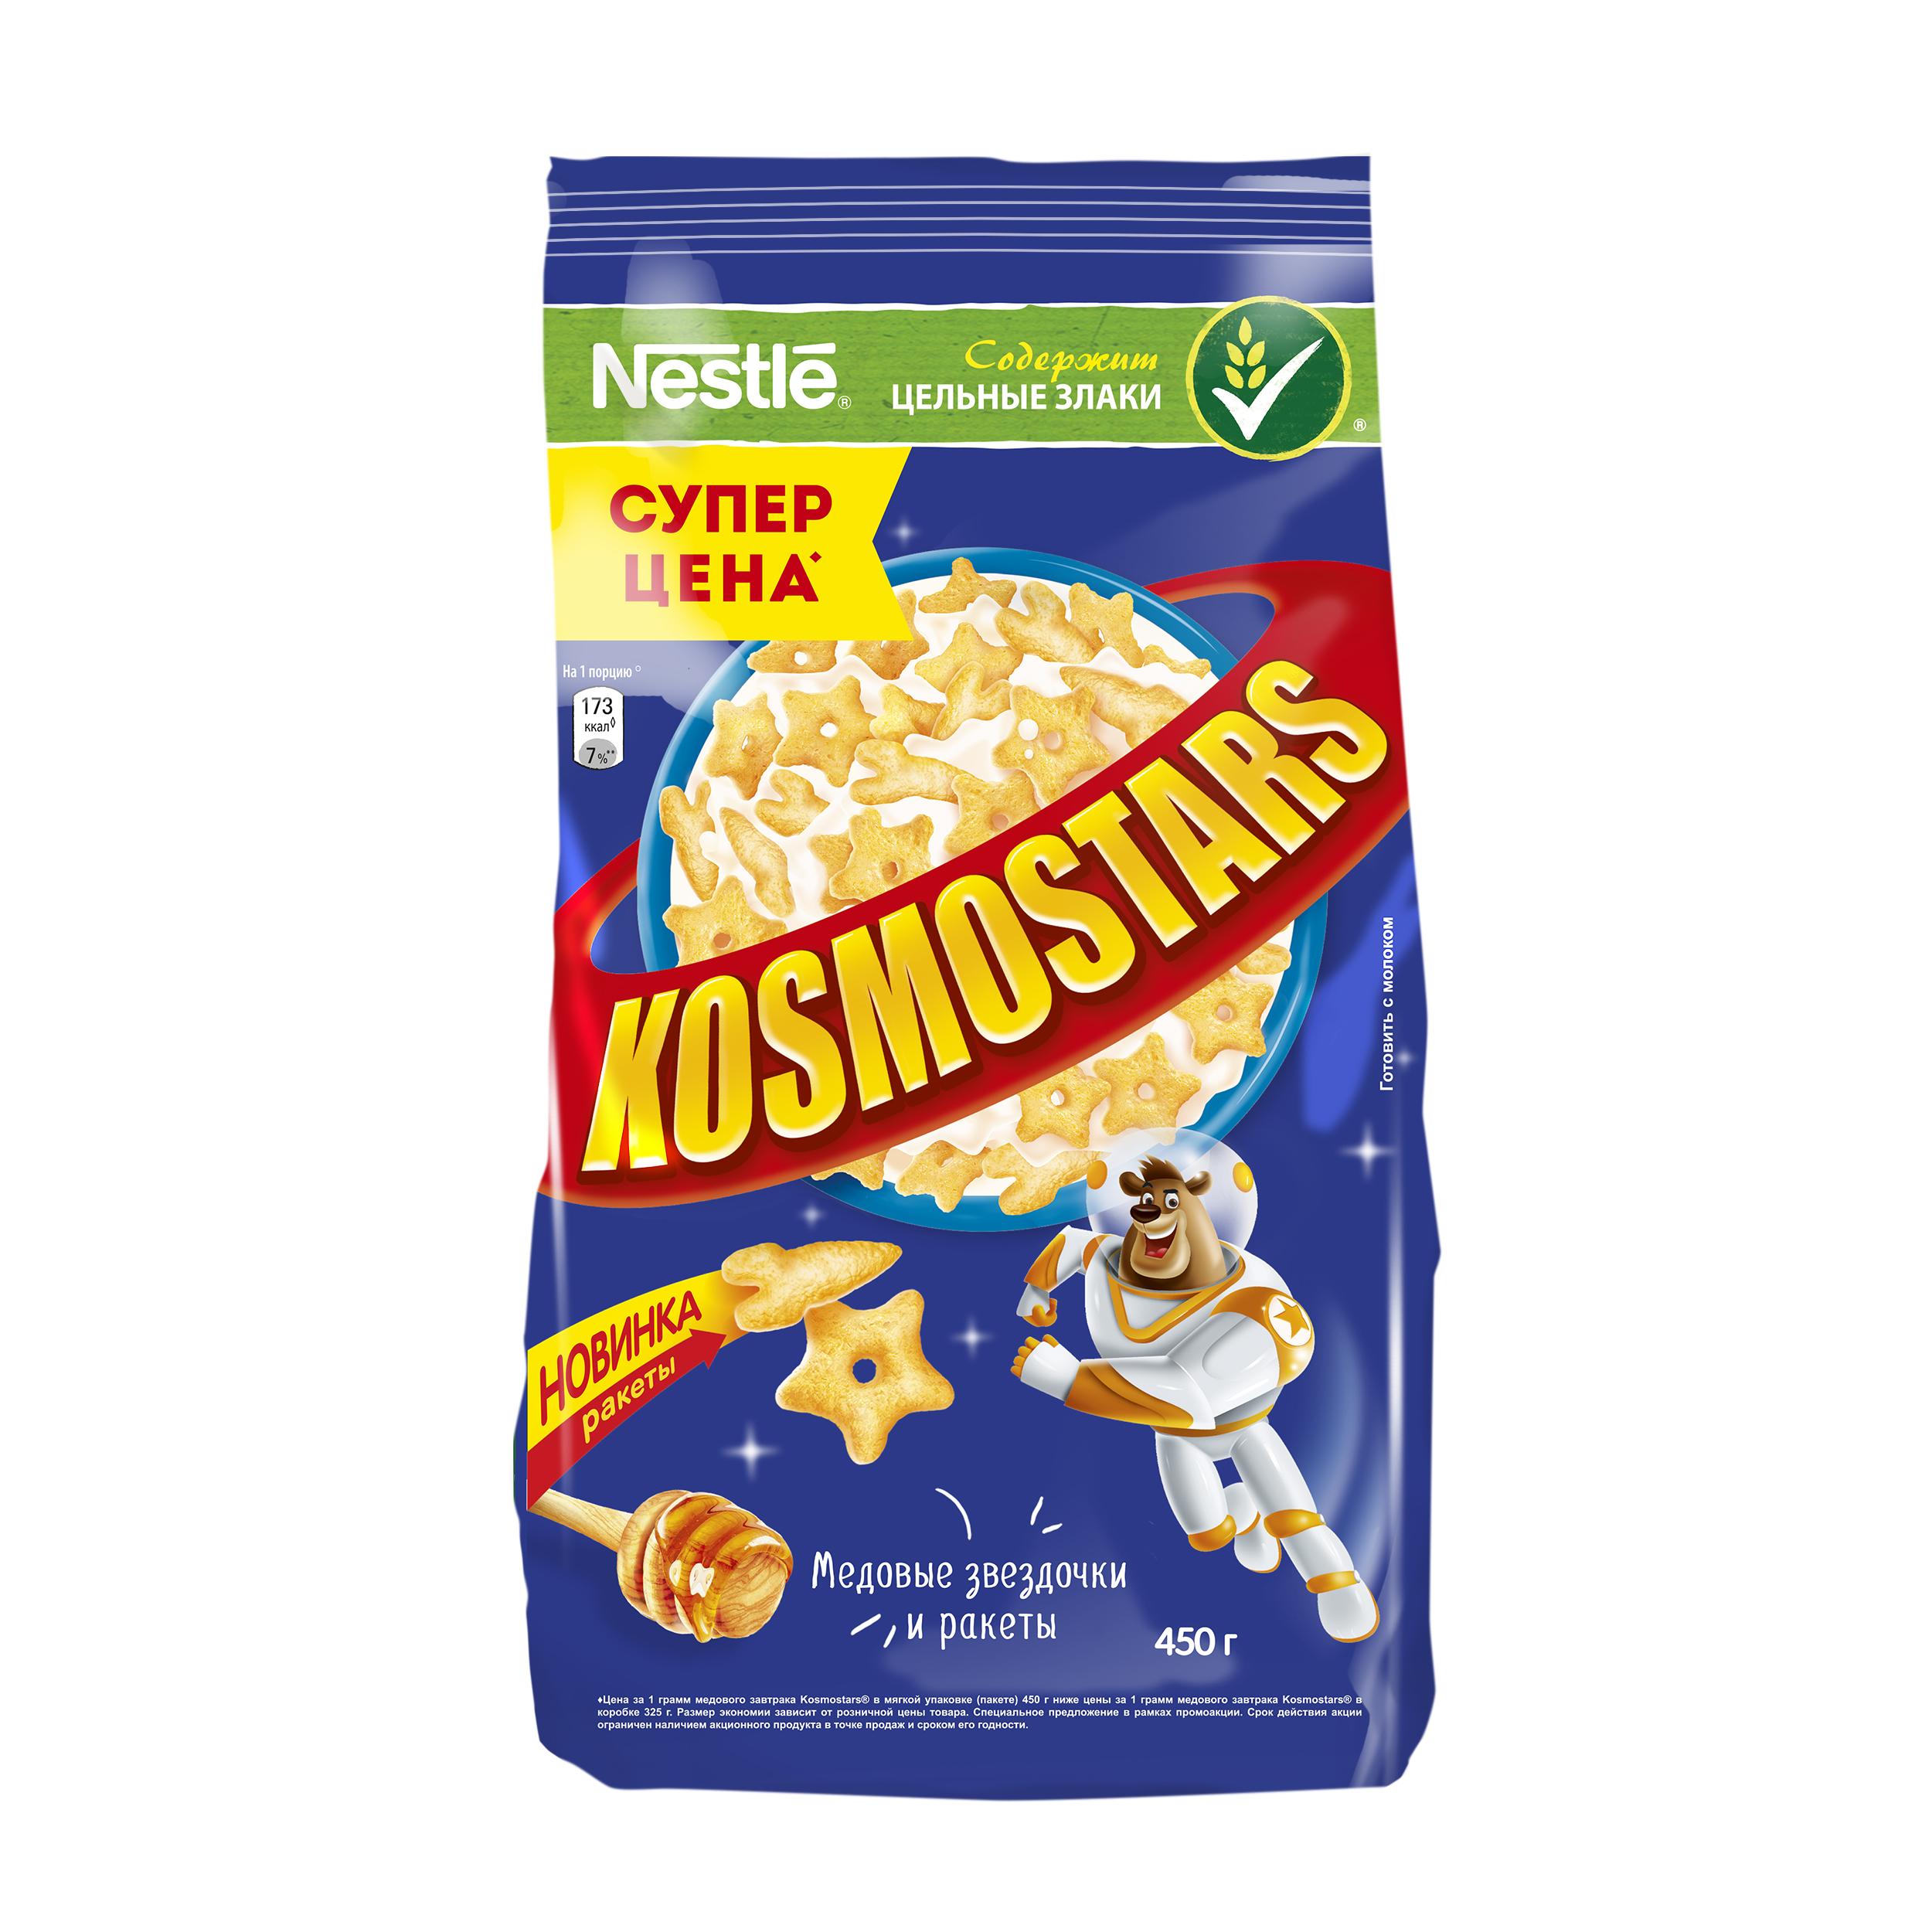 Готовые завтраки, каши, мюсли Золотой Лен или Готовые завтраки, каши, мюсли Kosmostars — что лучше